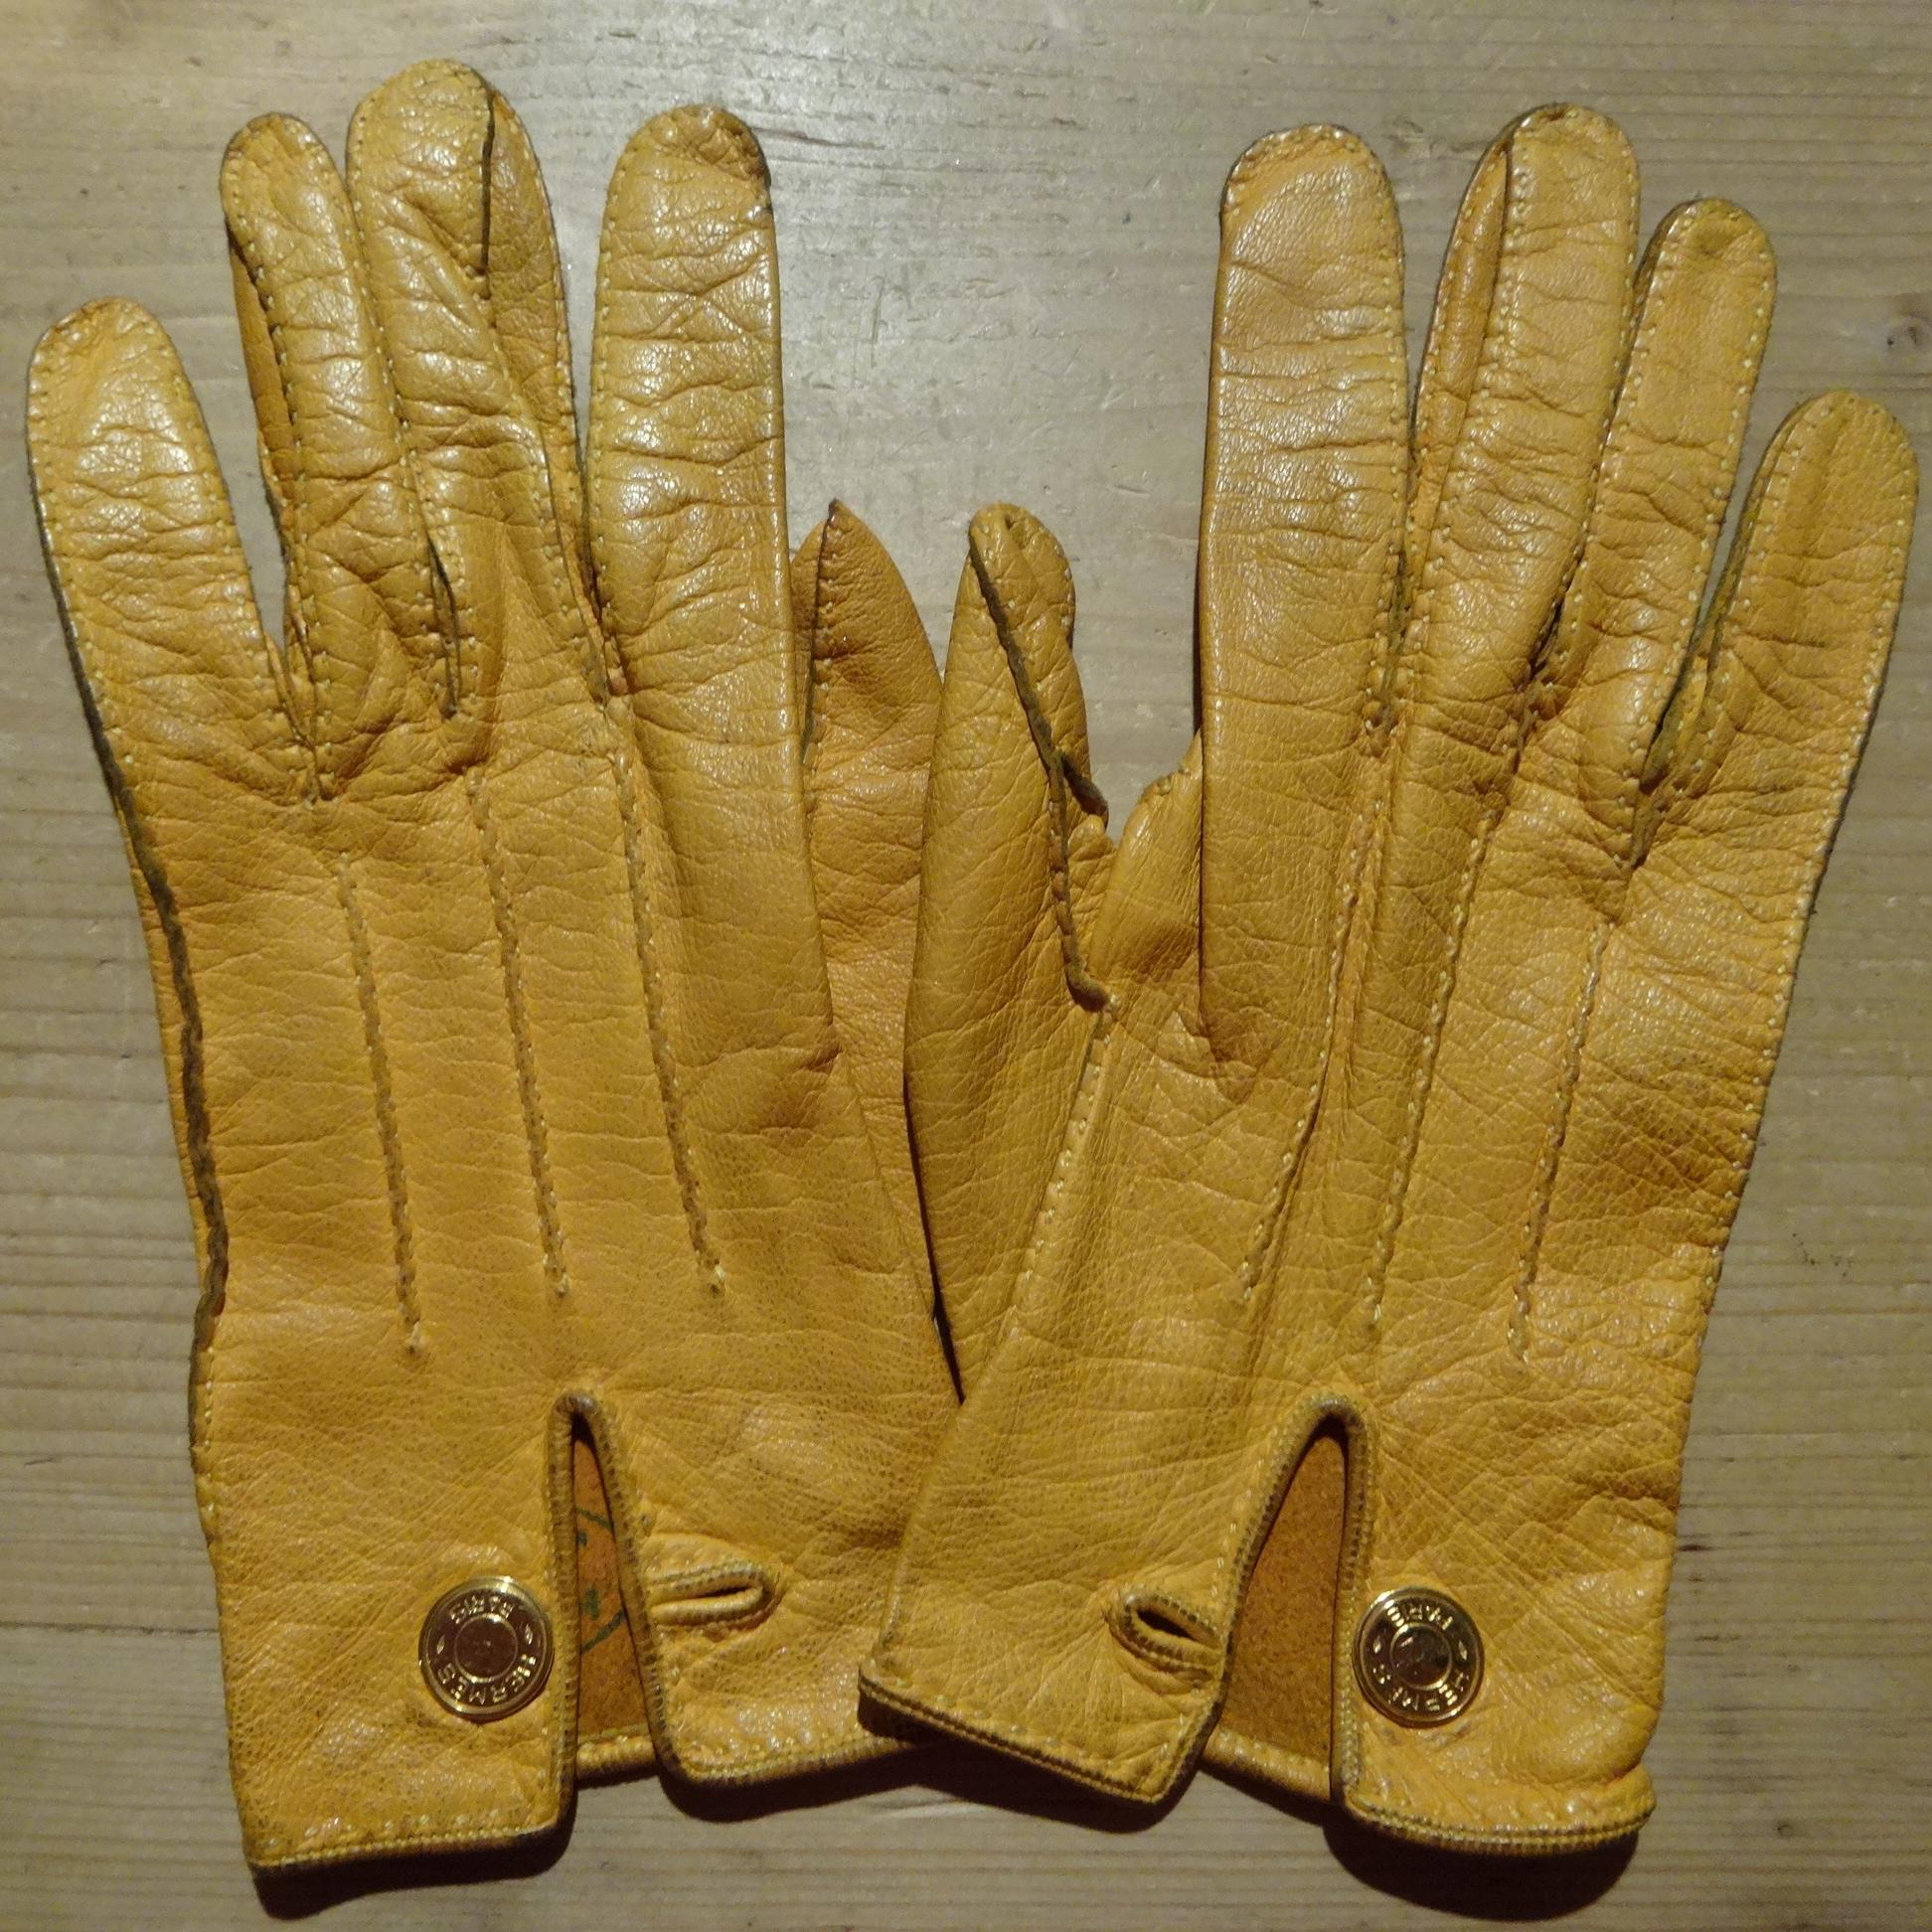 vintage Hermès gloves - a work of art